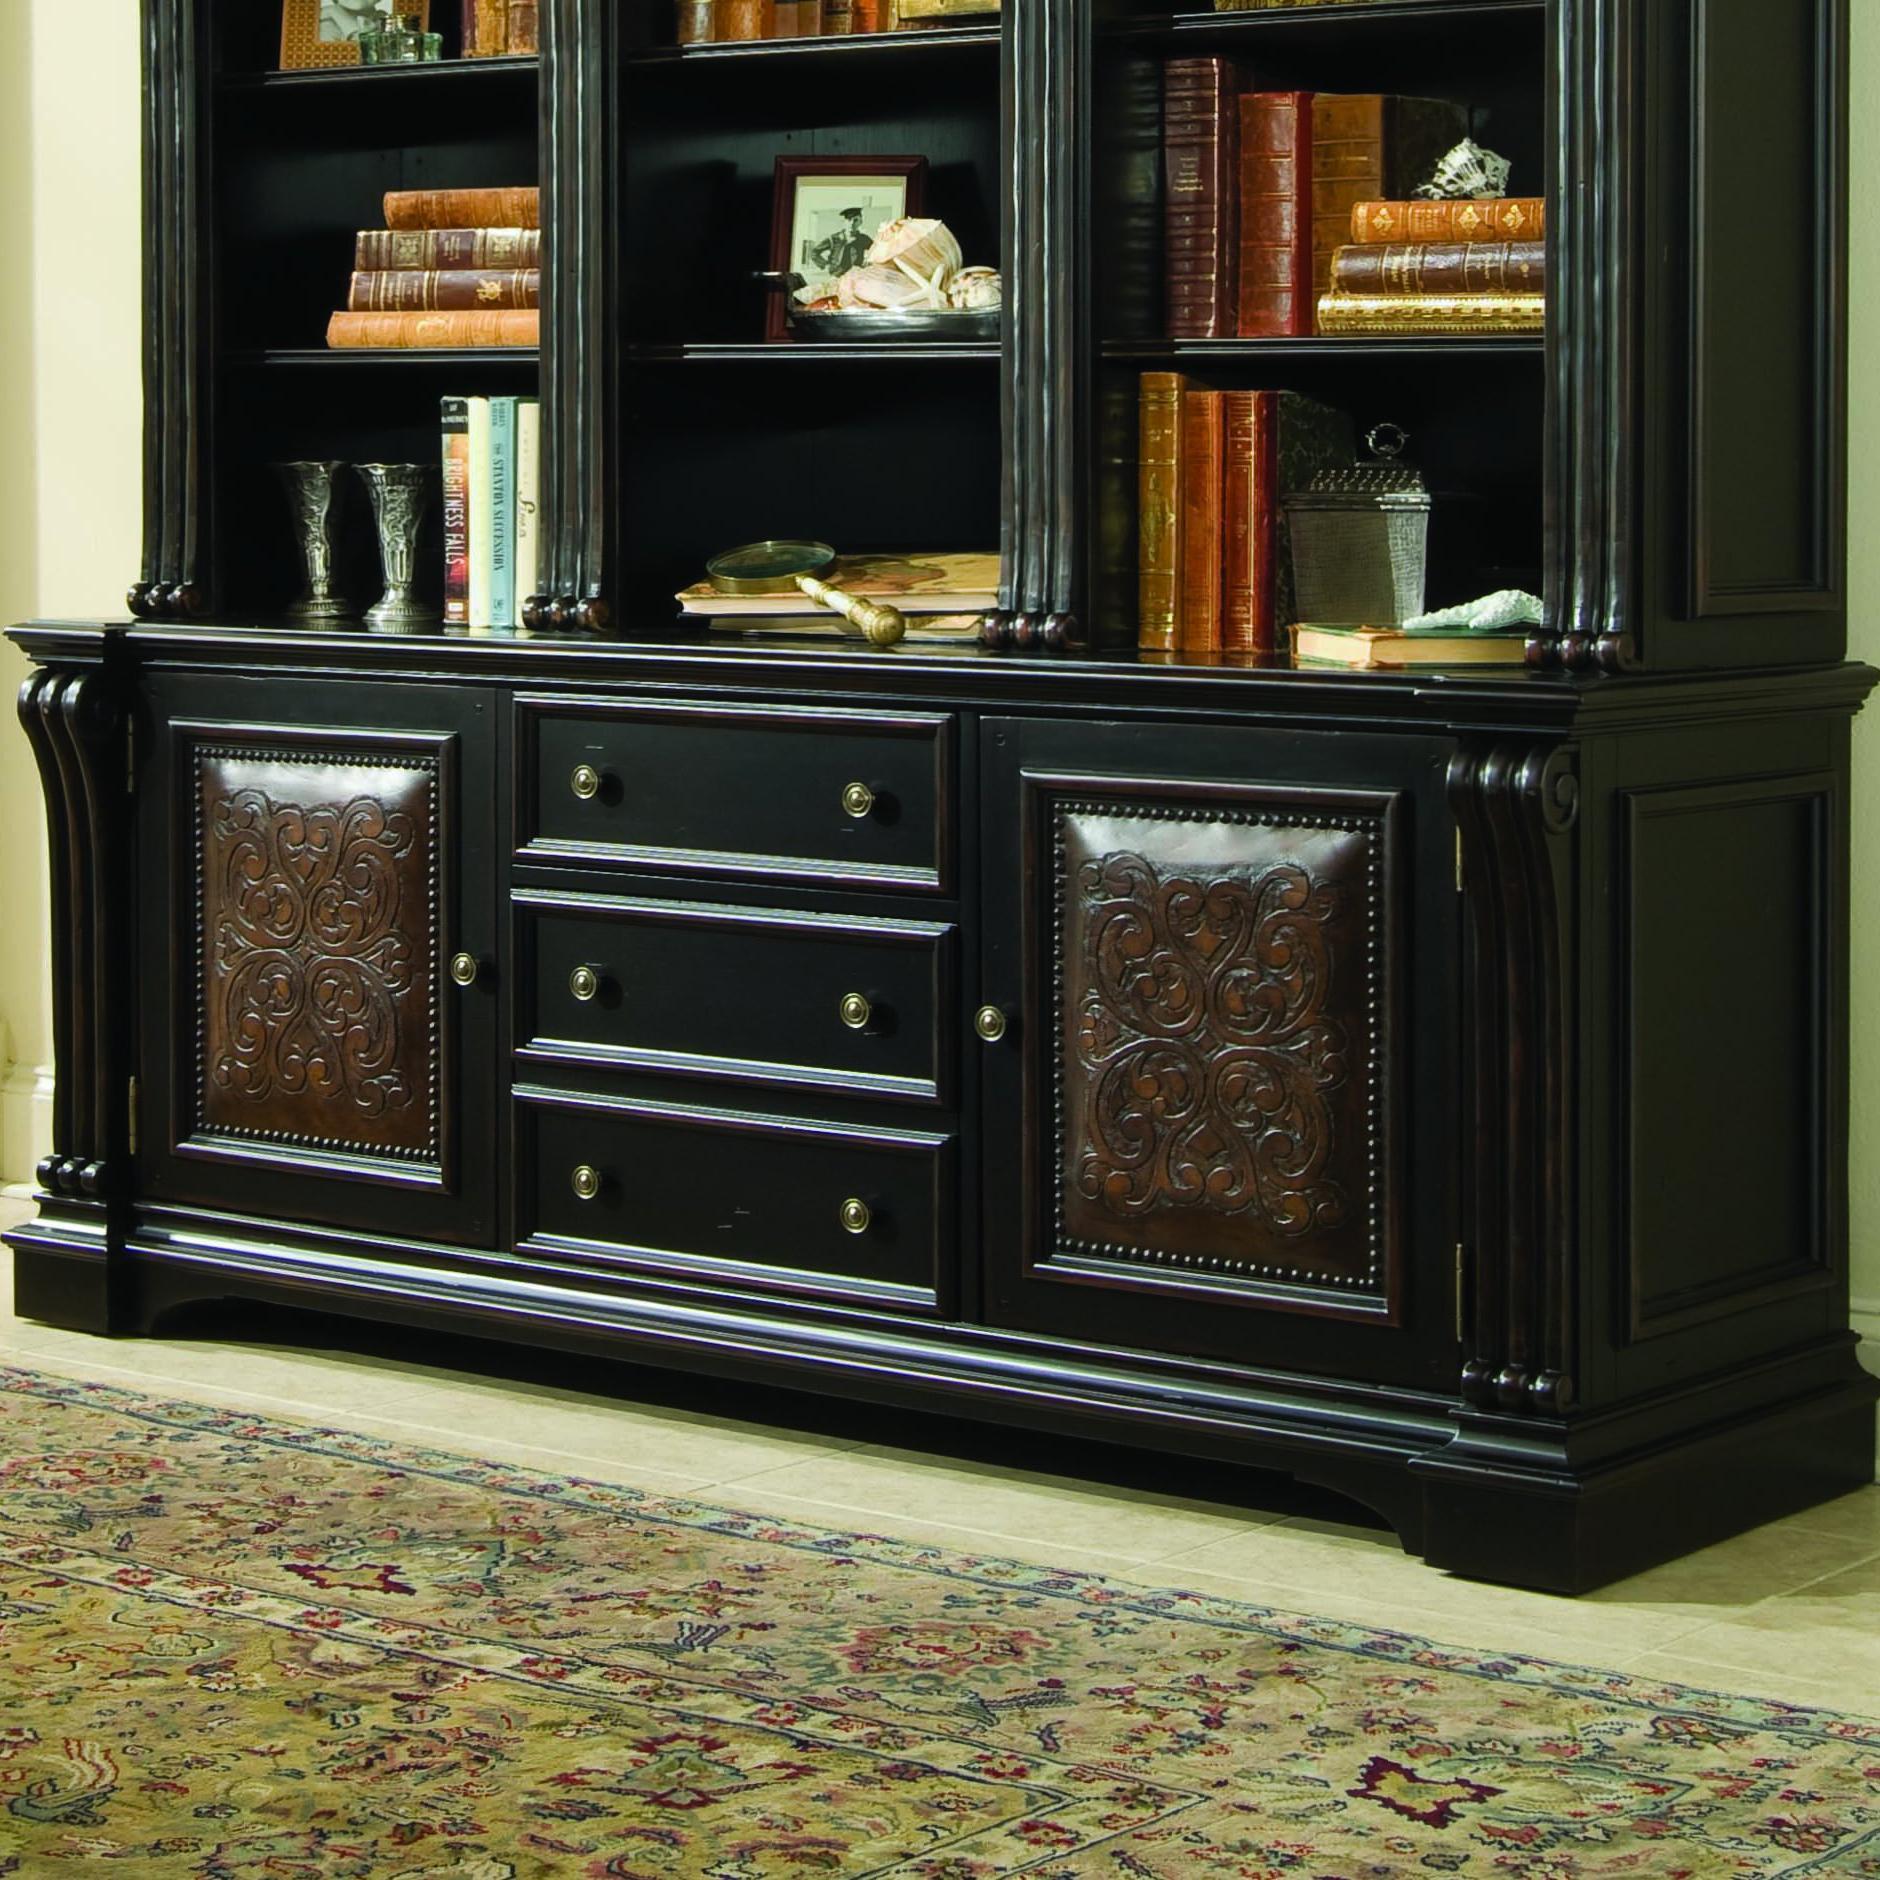 Hooker Furniture Telluride Bookcase Base - Item Number: 370-10-265